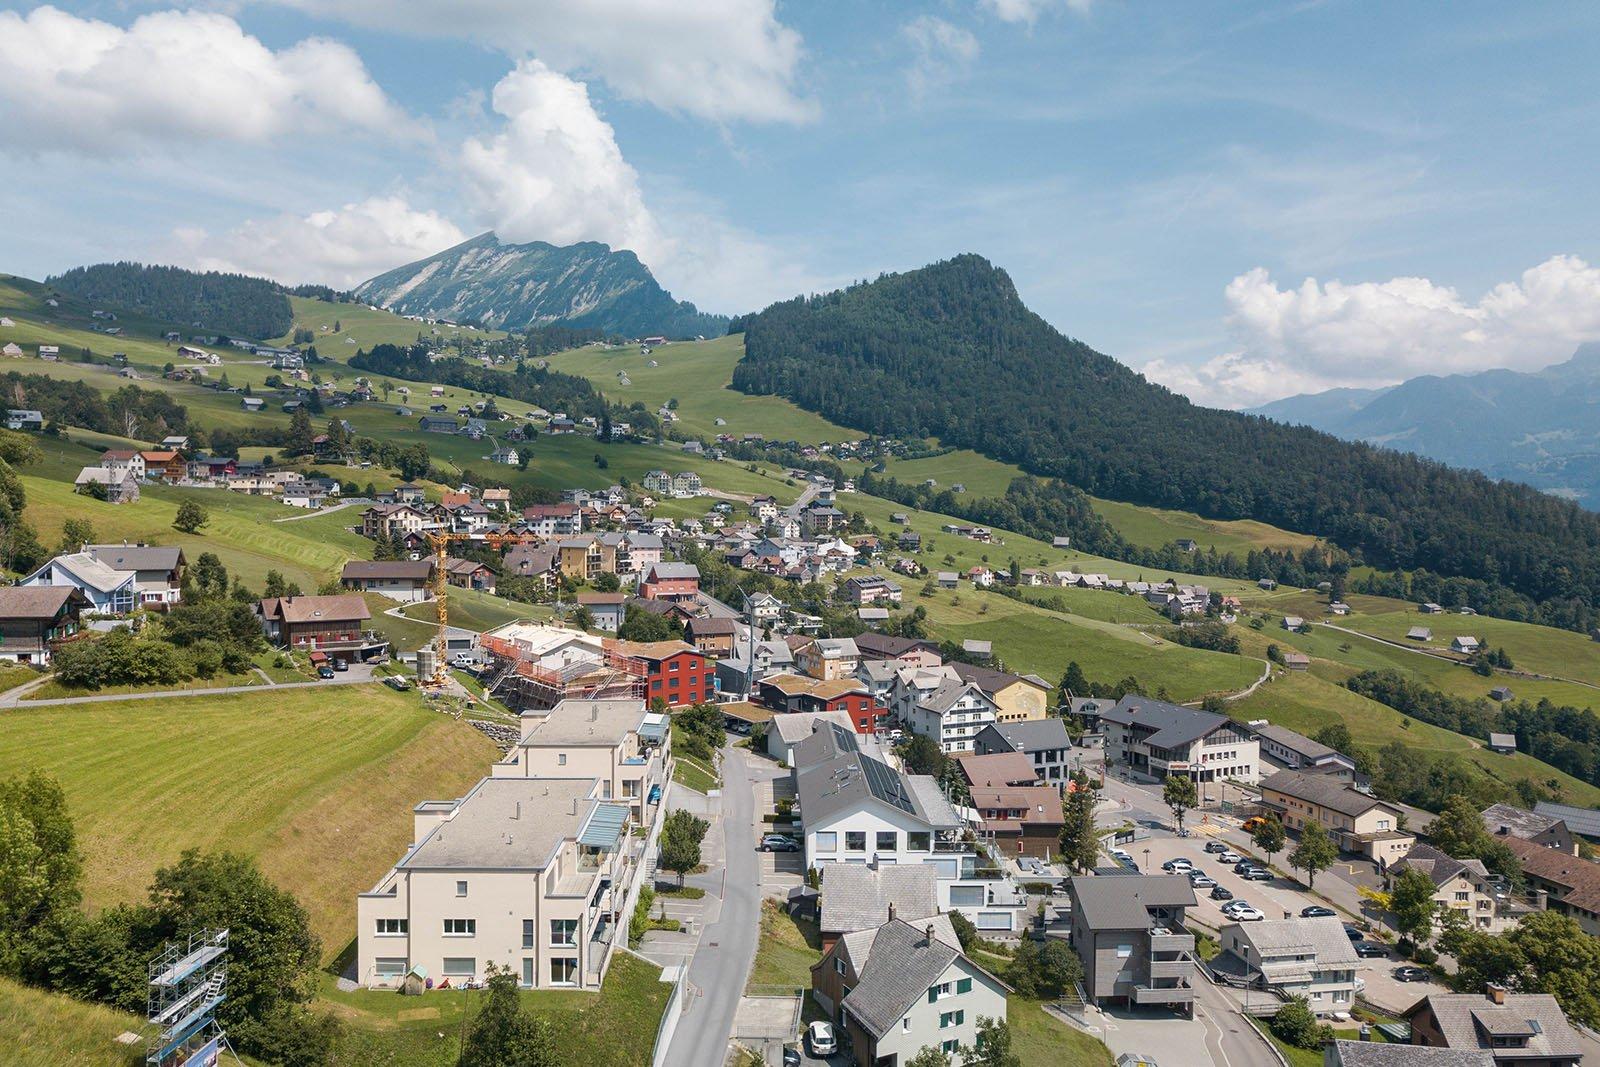 Eine Sicht über das Dorfzentrum von Amden mit Leistchamm und Chapf im Hintergrund